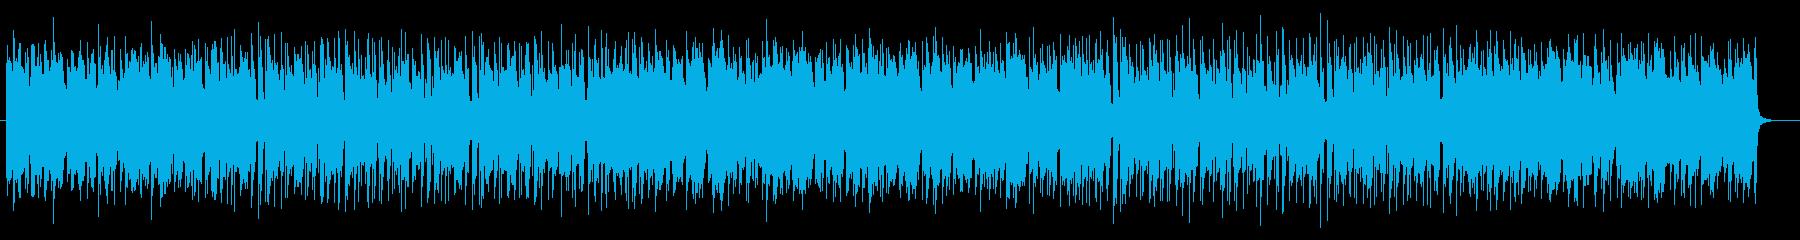 イベントが発生していない時のゲーム音楽の再生済みの波形